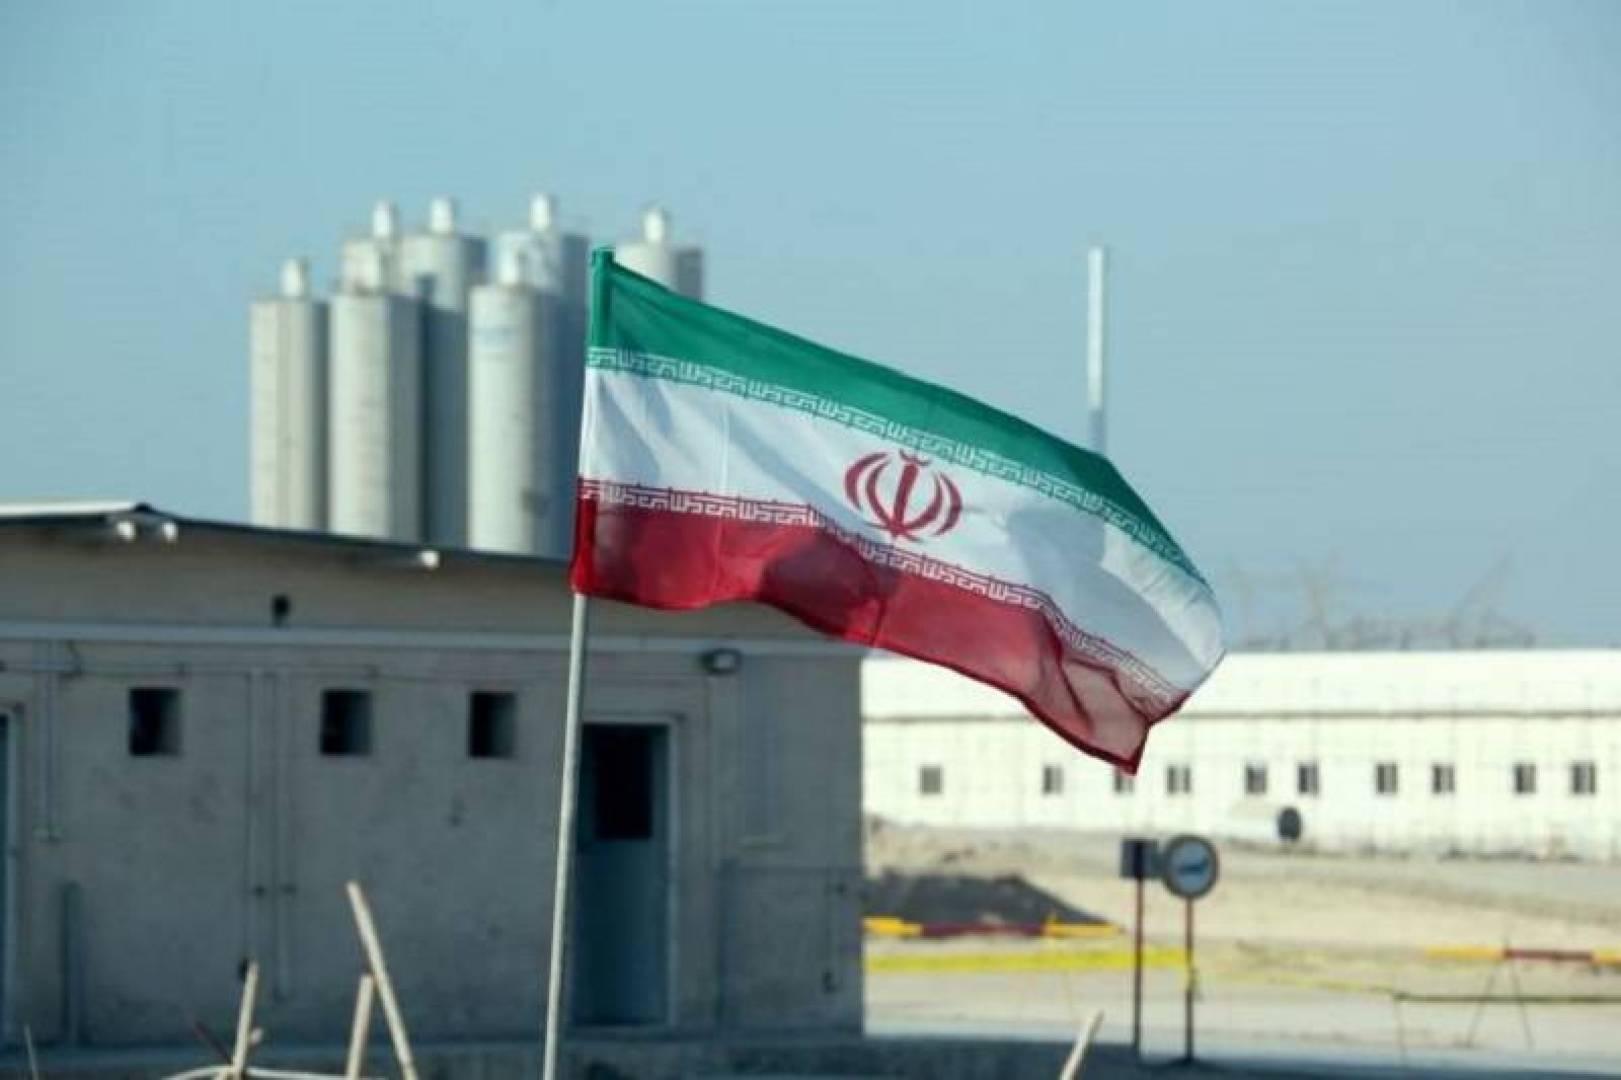 بريطانيا وألمانيا وفرنسا تحمل إيران مسؤولية استمرار التوتر في المنطقة